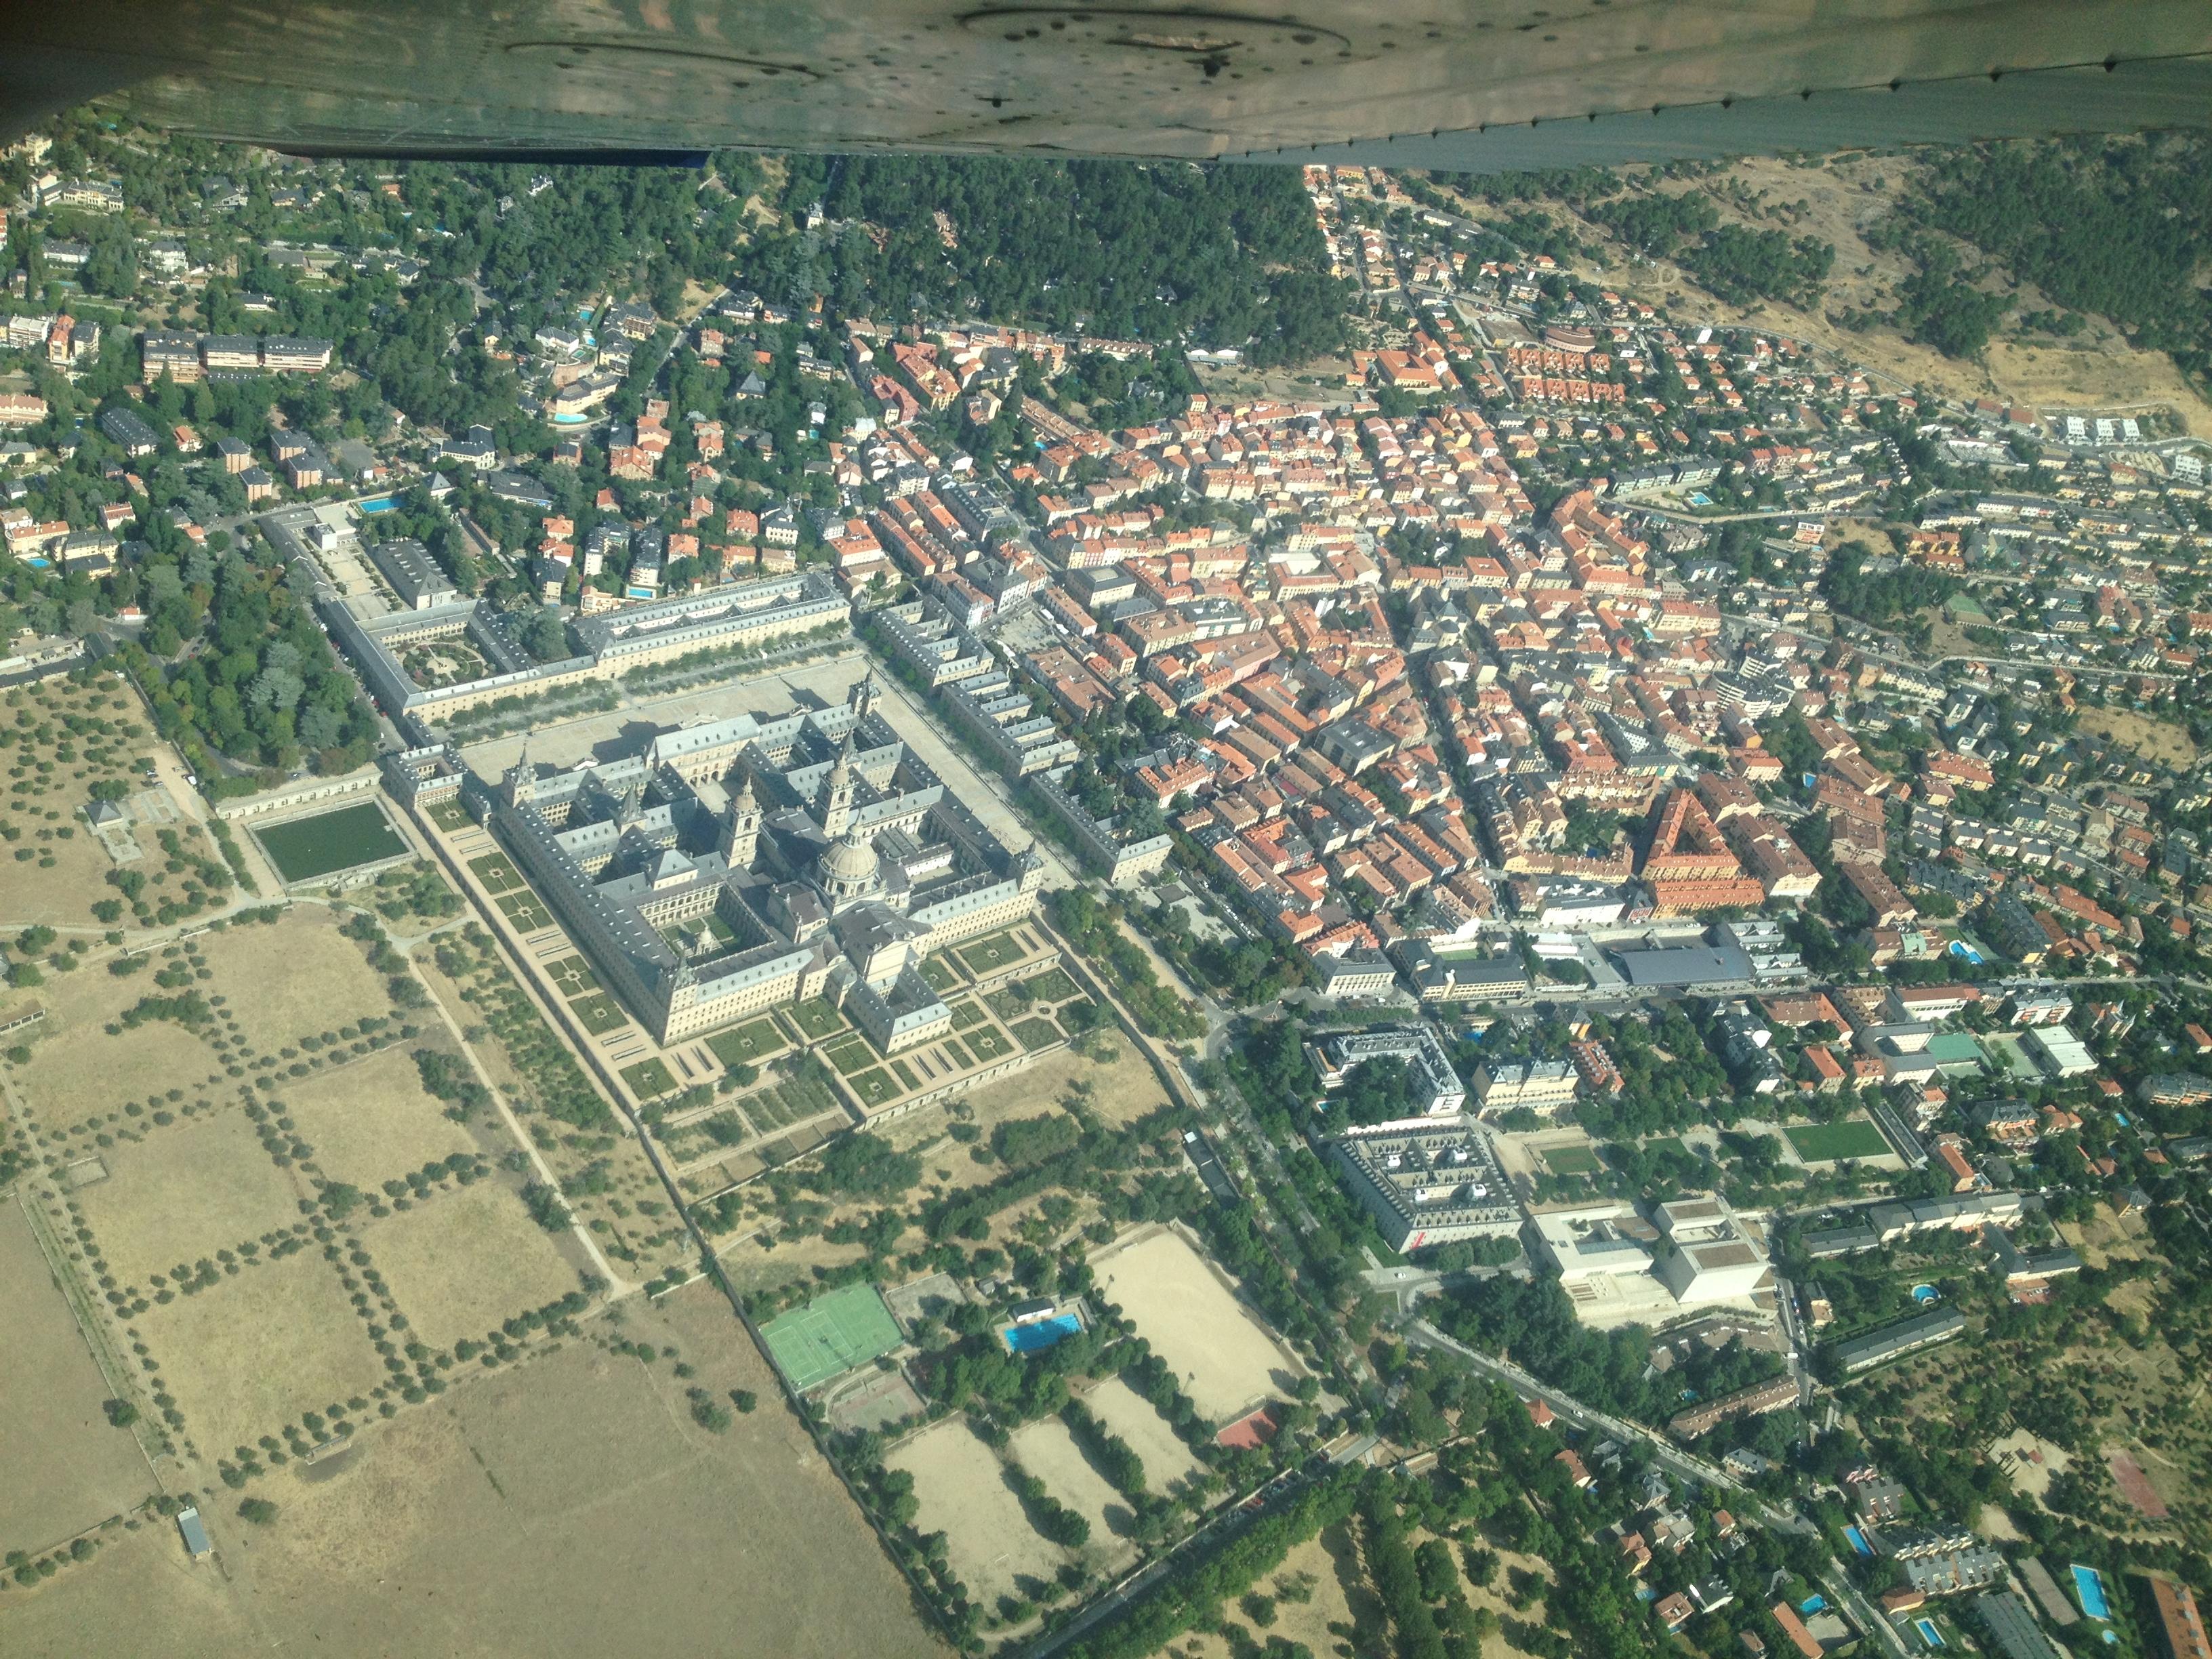 Vista Aerea de El Escorial